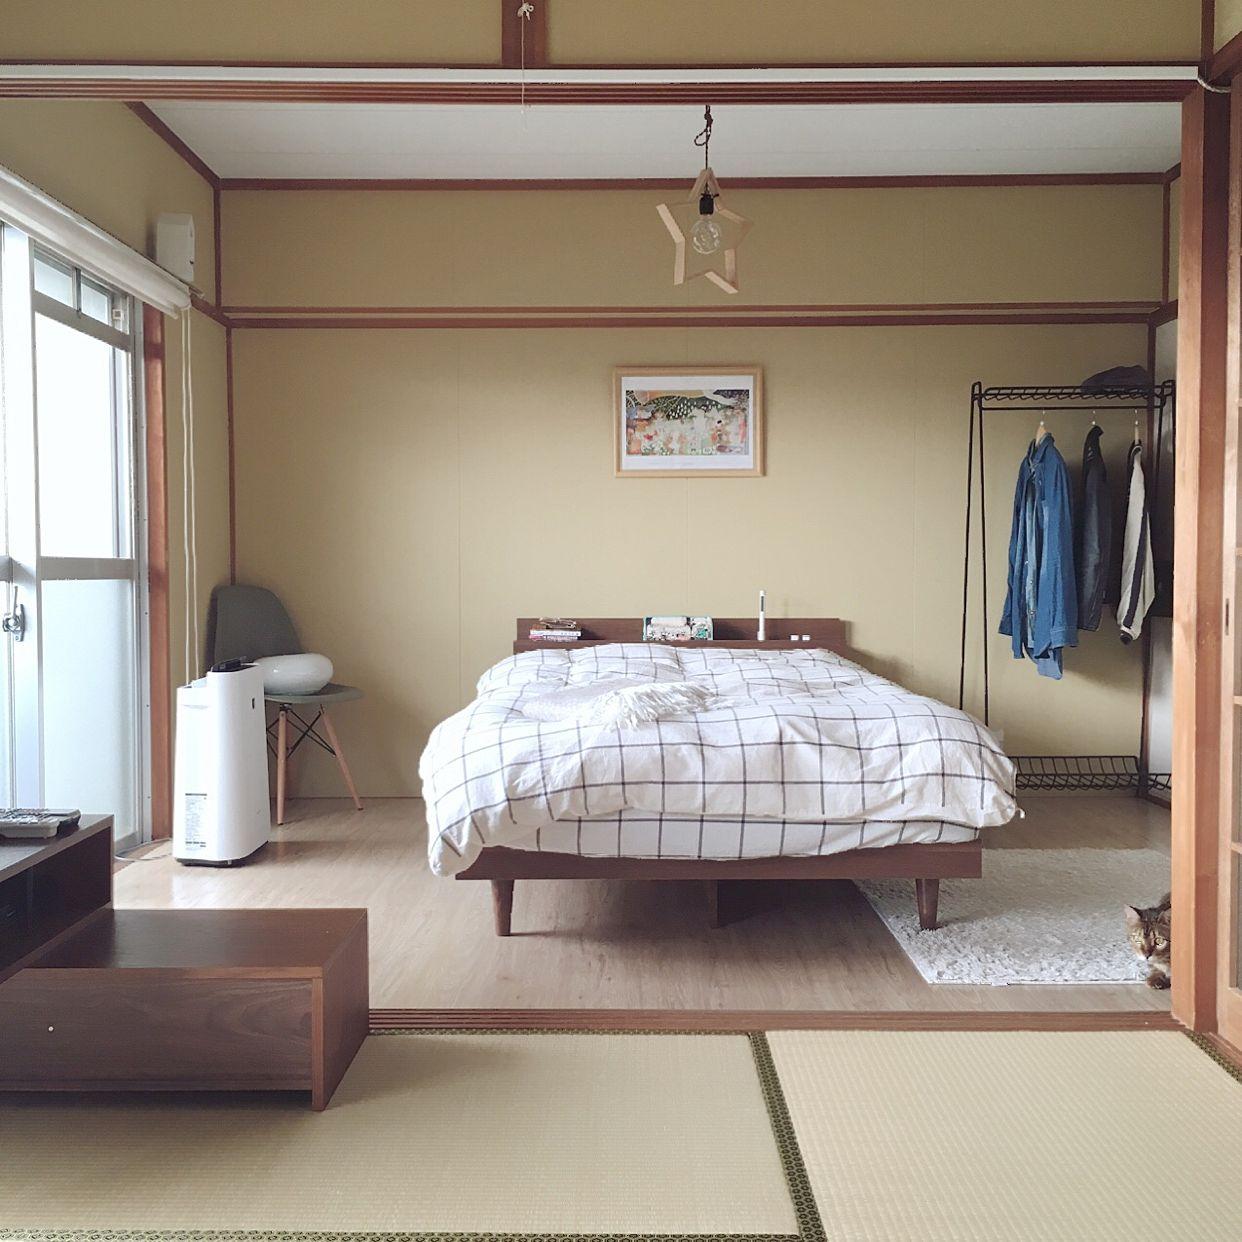 和室をベッドルームに 無印やニトリでおしゃれなインテリアコーデ